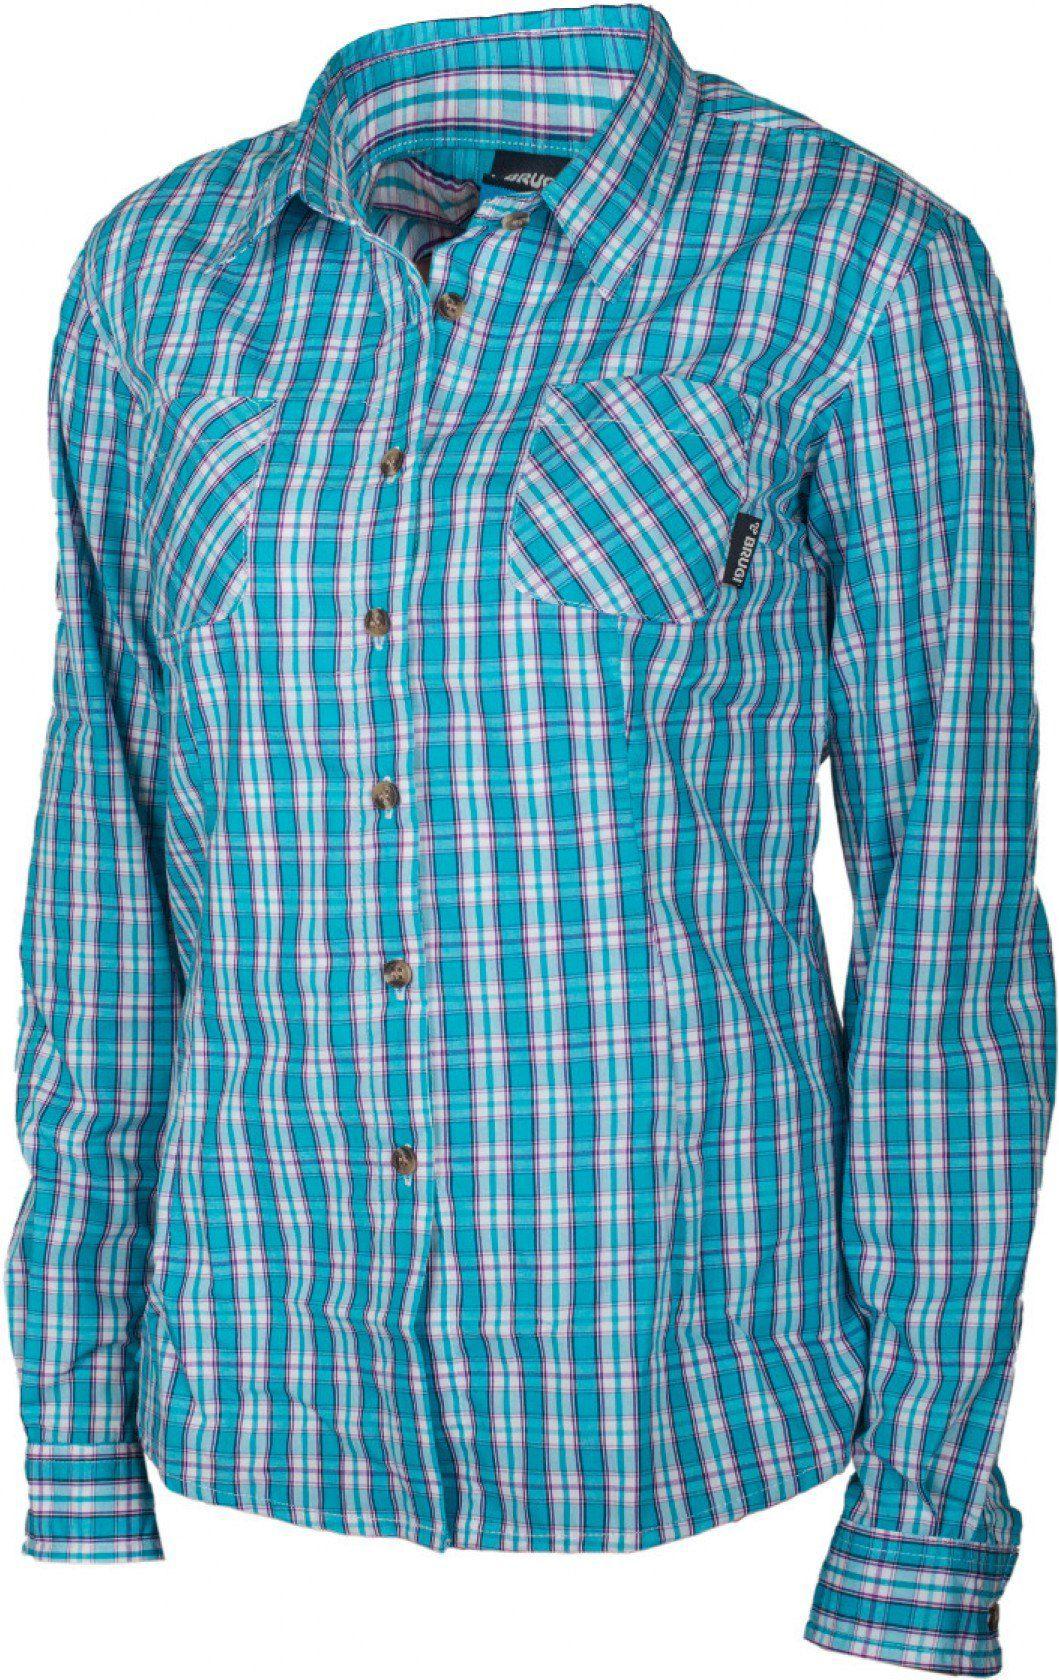 Brugi Koszula damska 2NAQ 372 azzurro niebieska r. XL 1634556